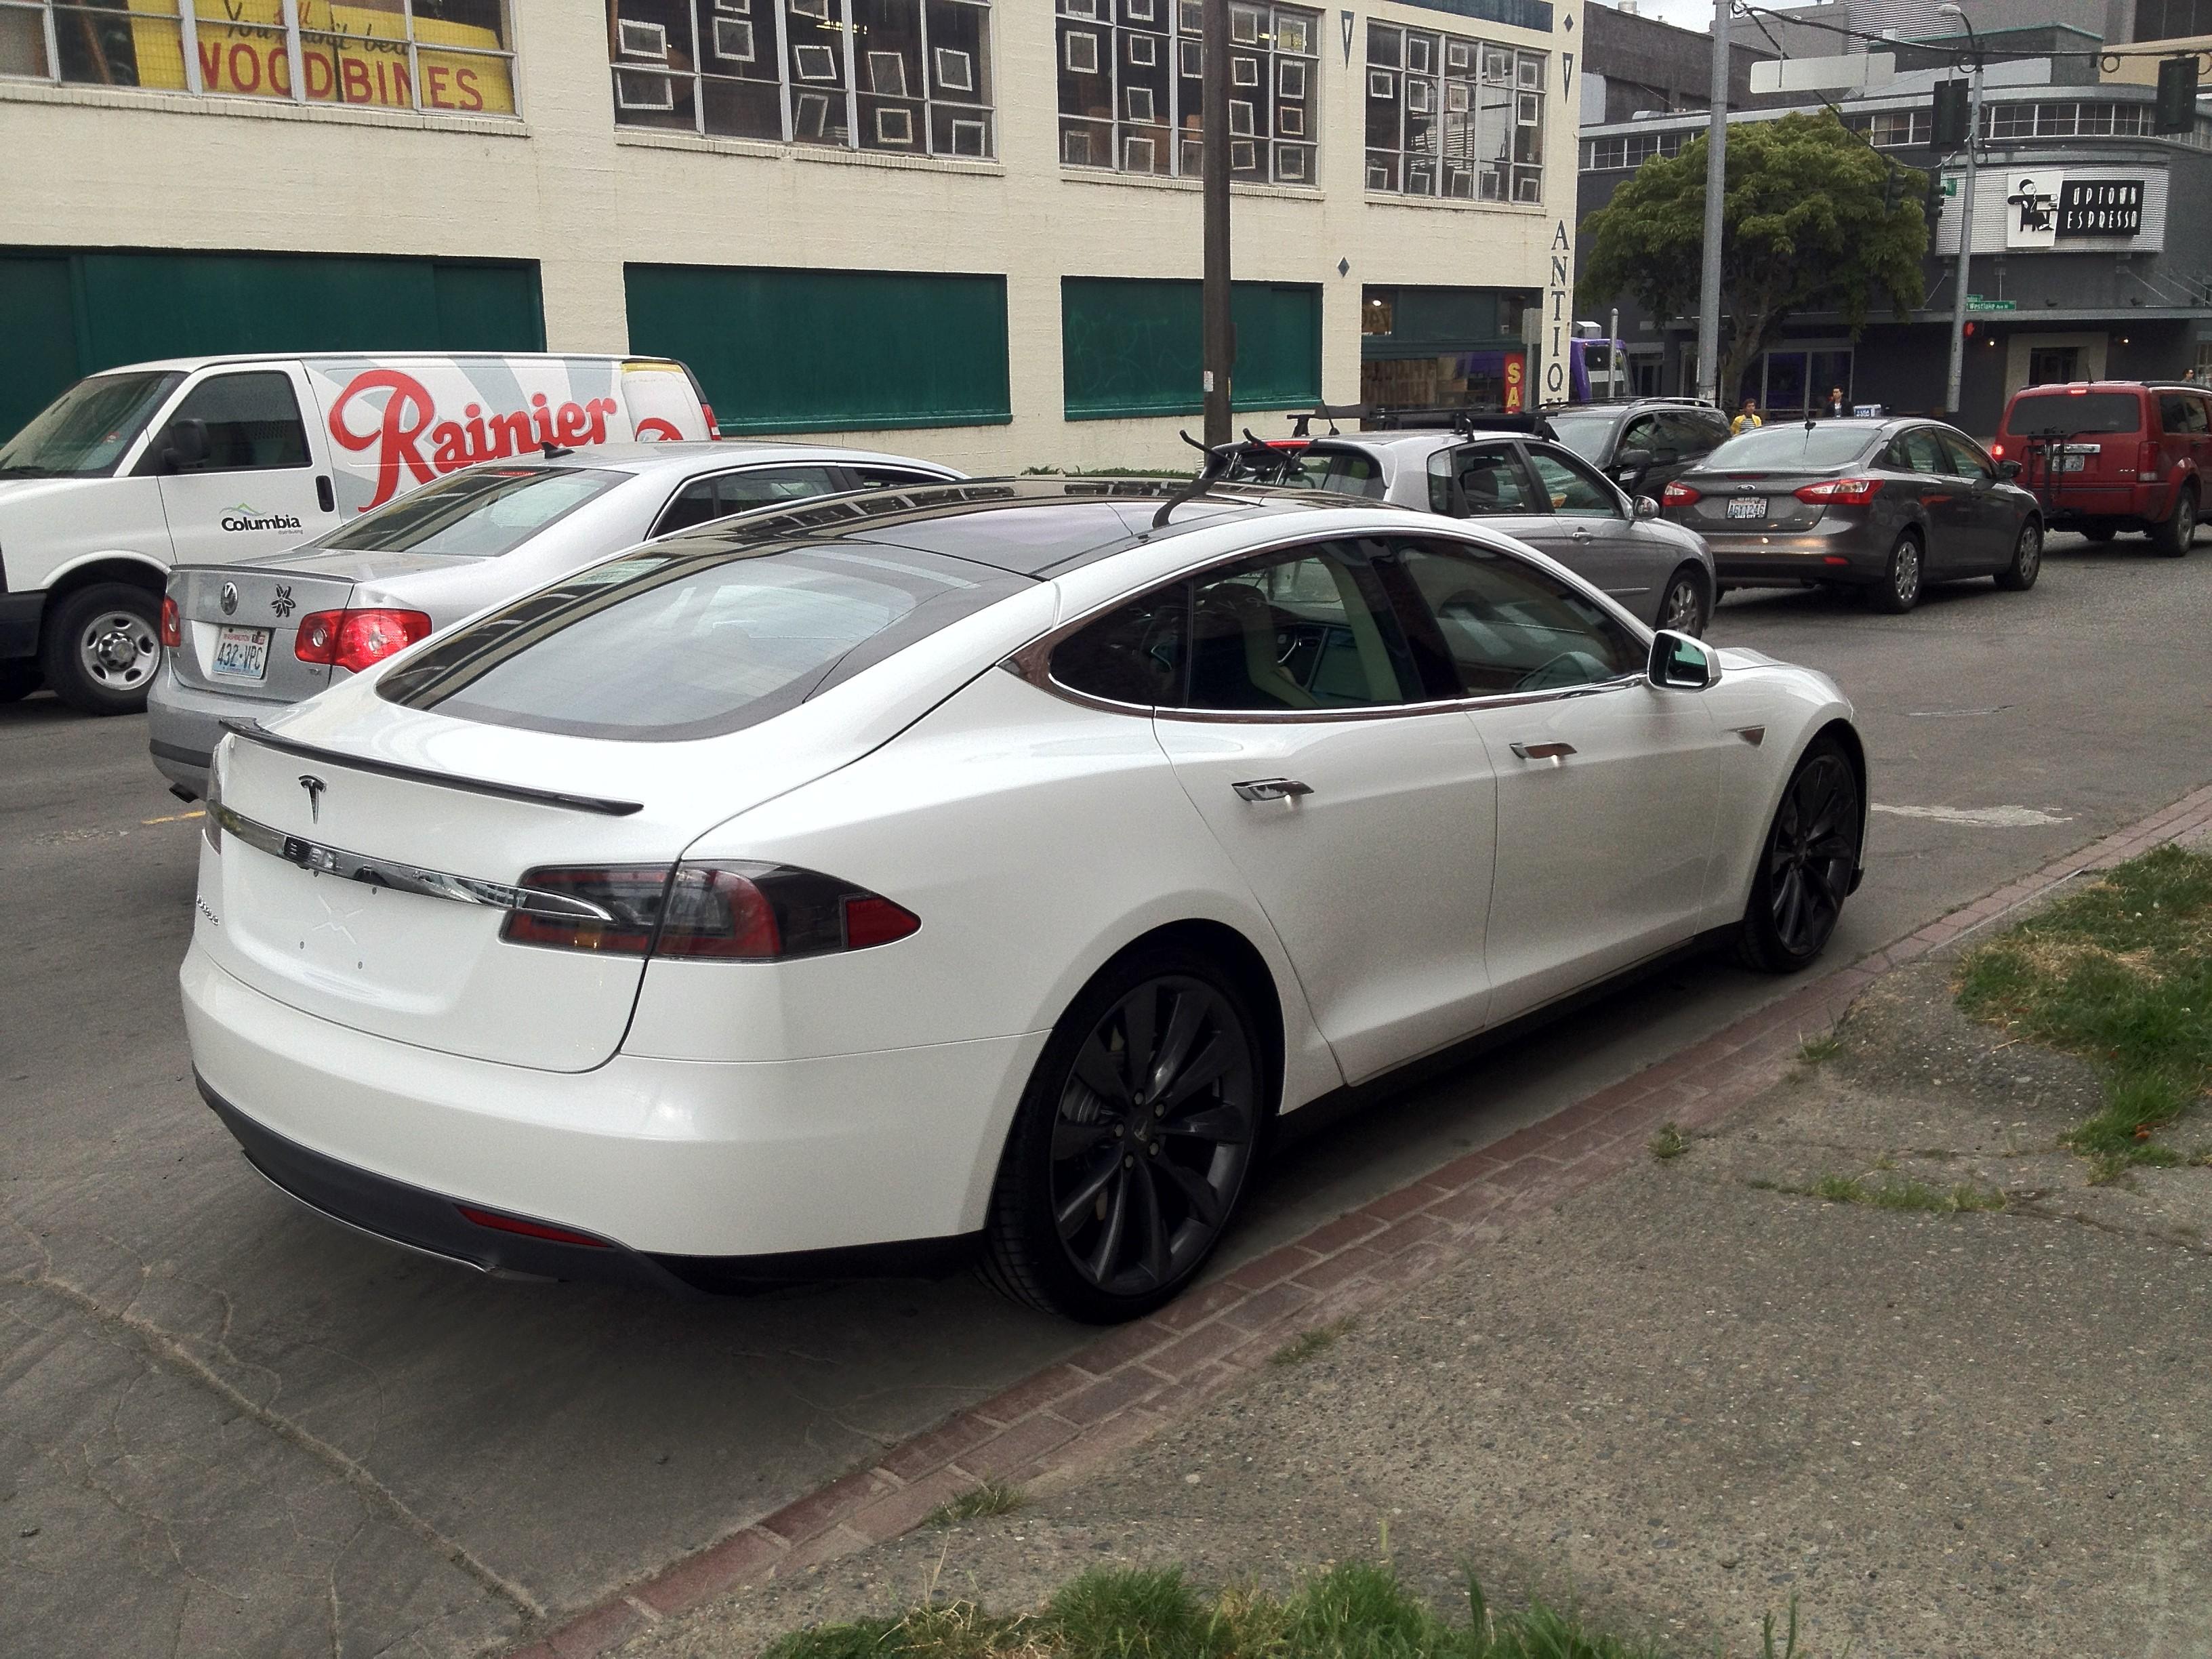 Model S Door Handles Out | |StartingGrid|